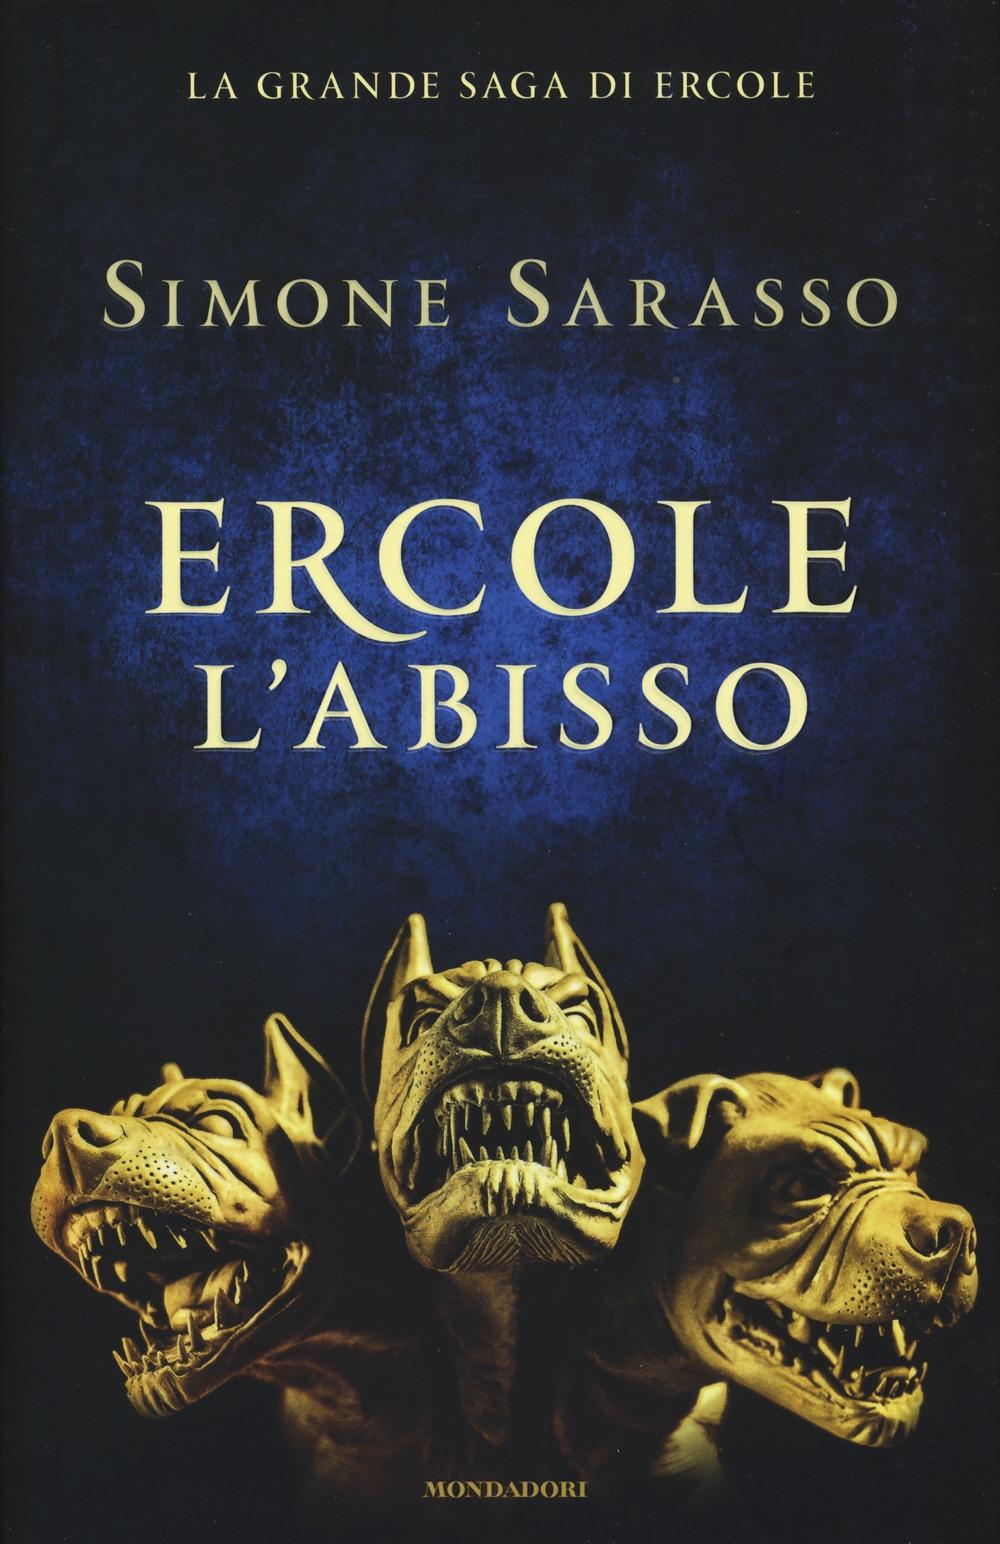 Ercole. L'abisso. La grande saga di Ercole. La maturità